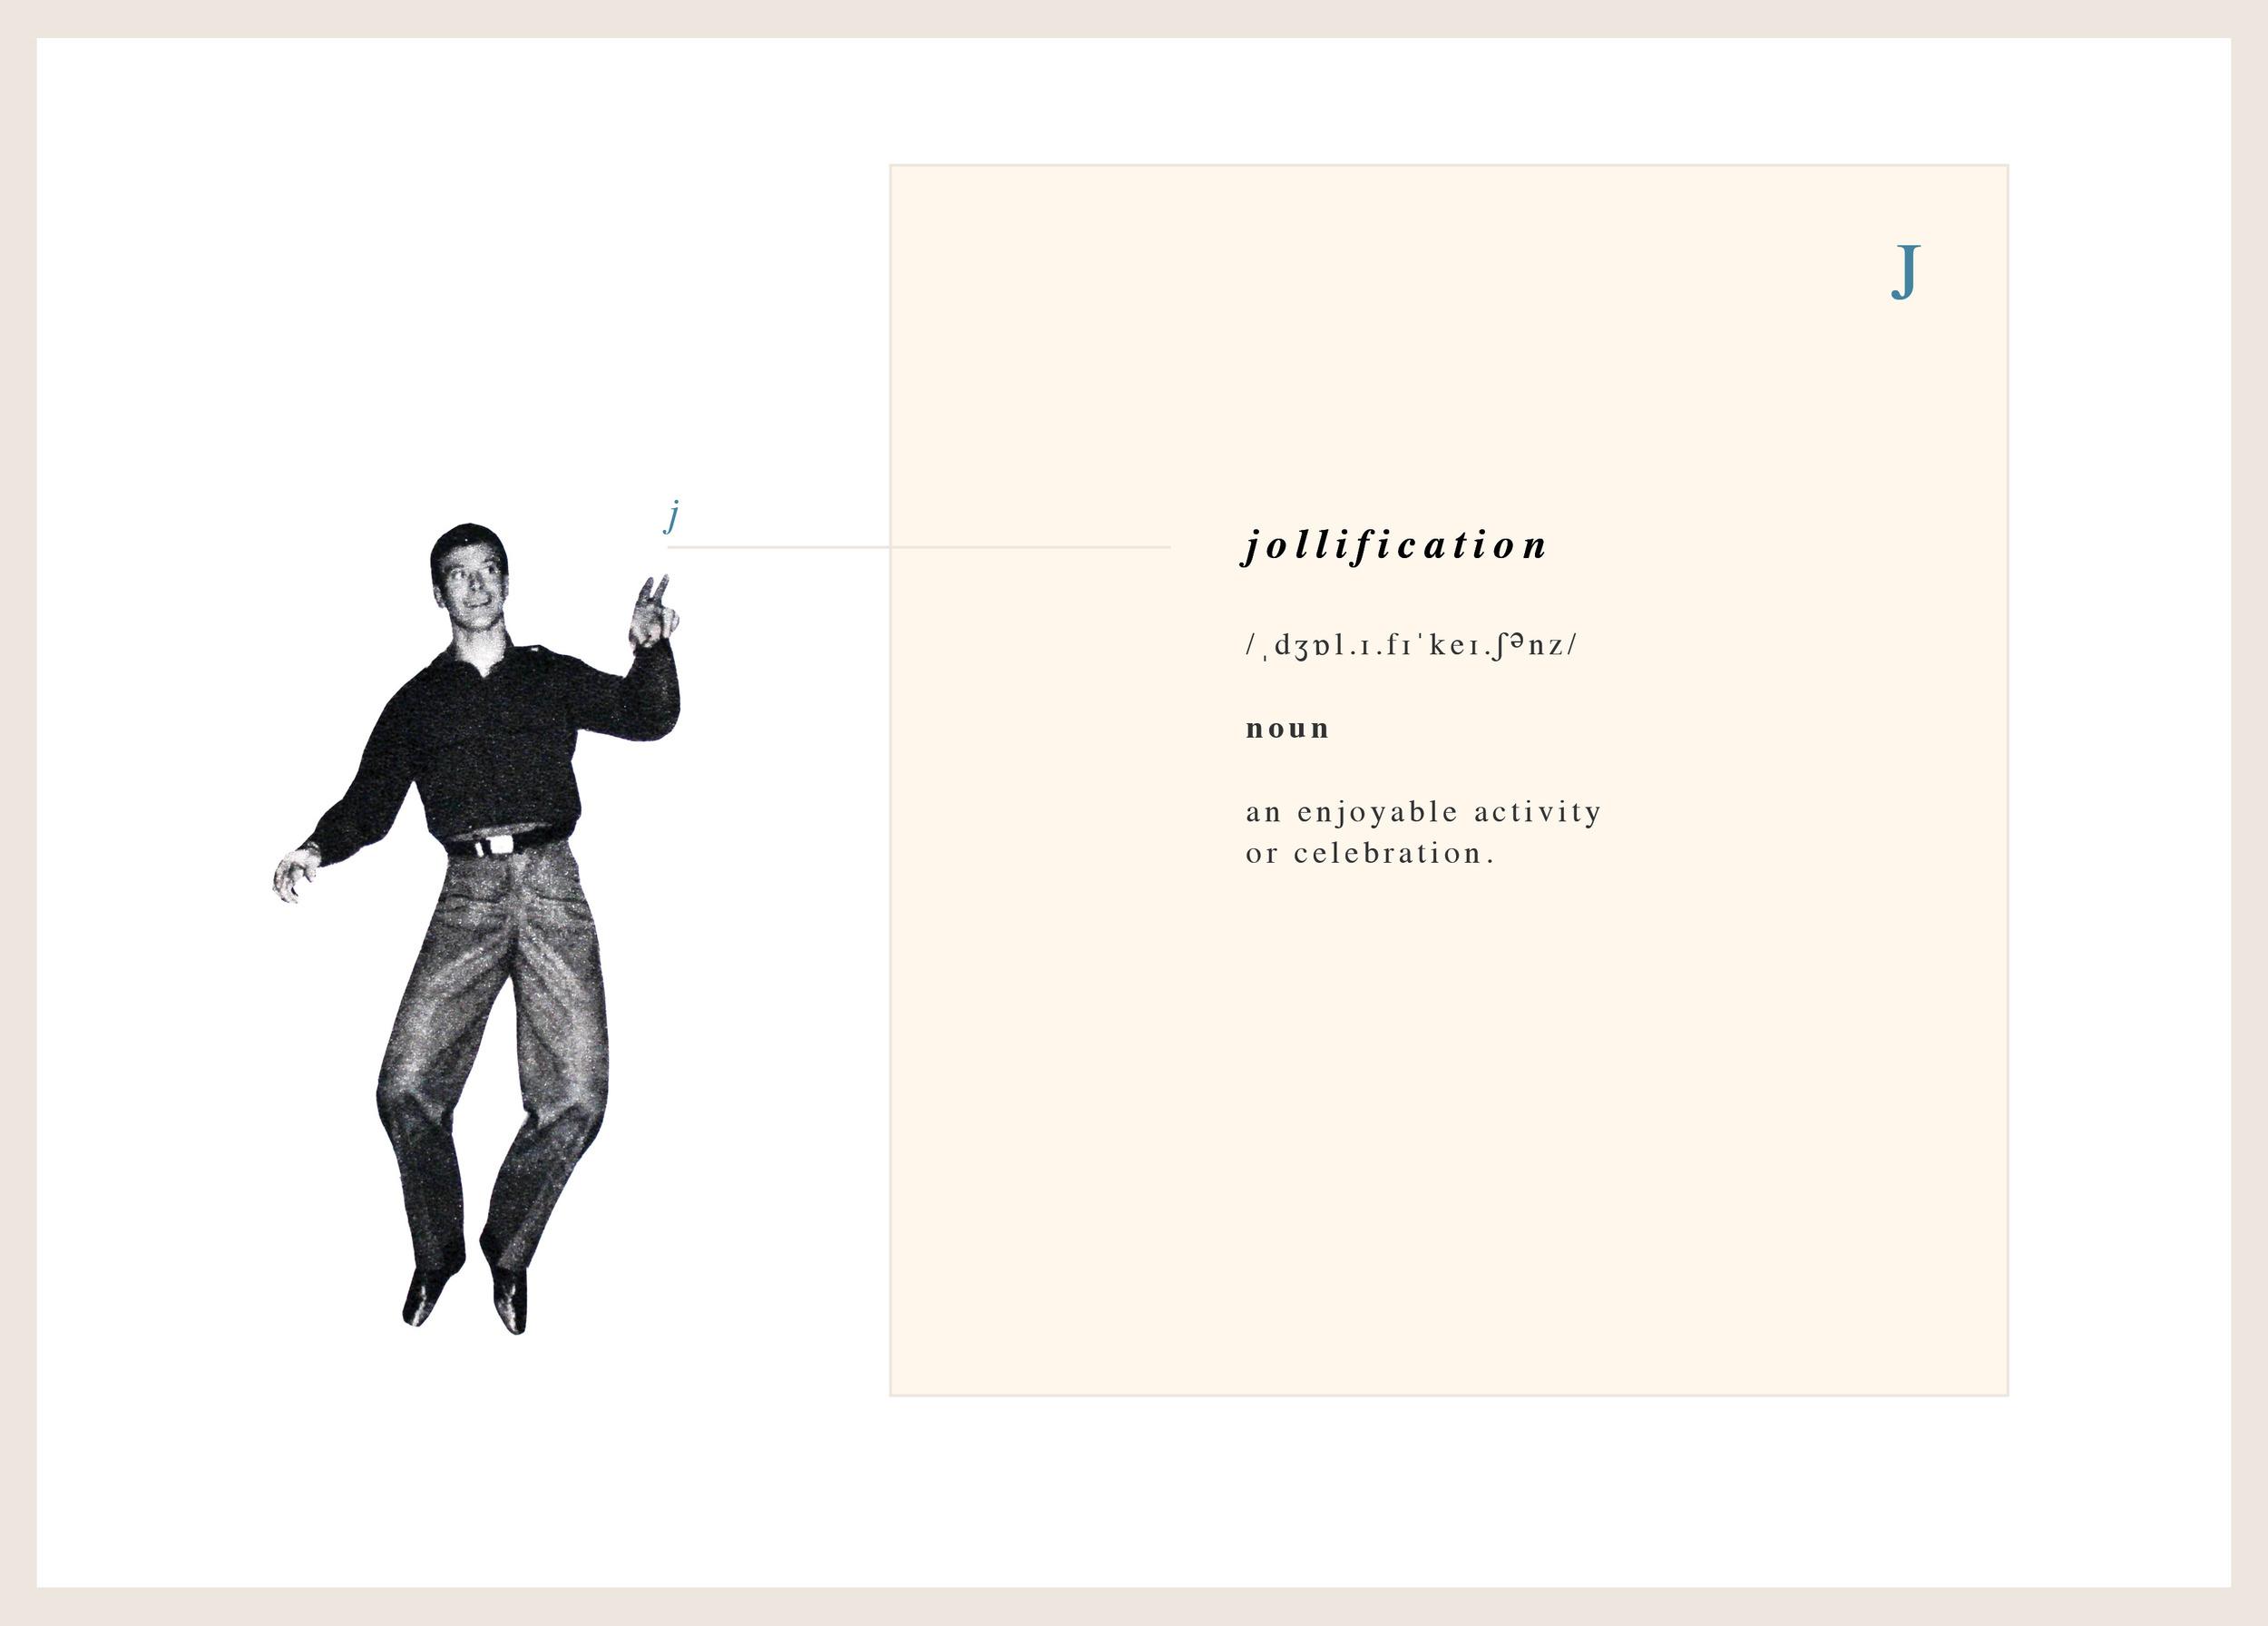 beitz_dict_jollification.jpg